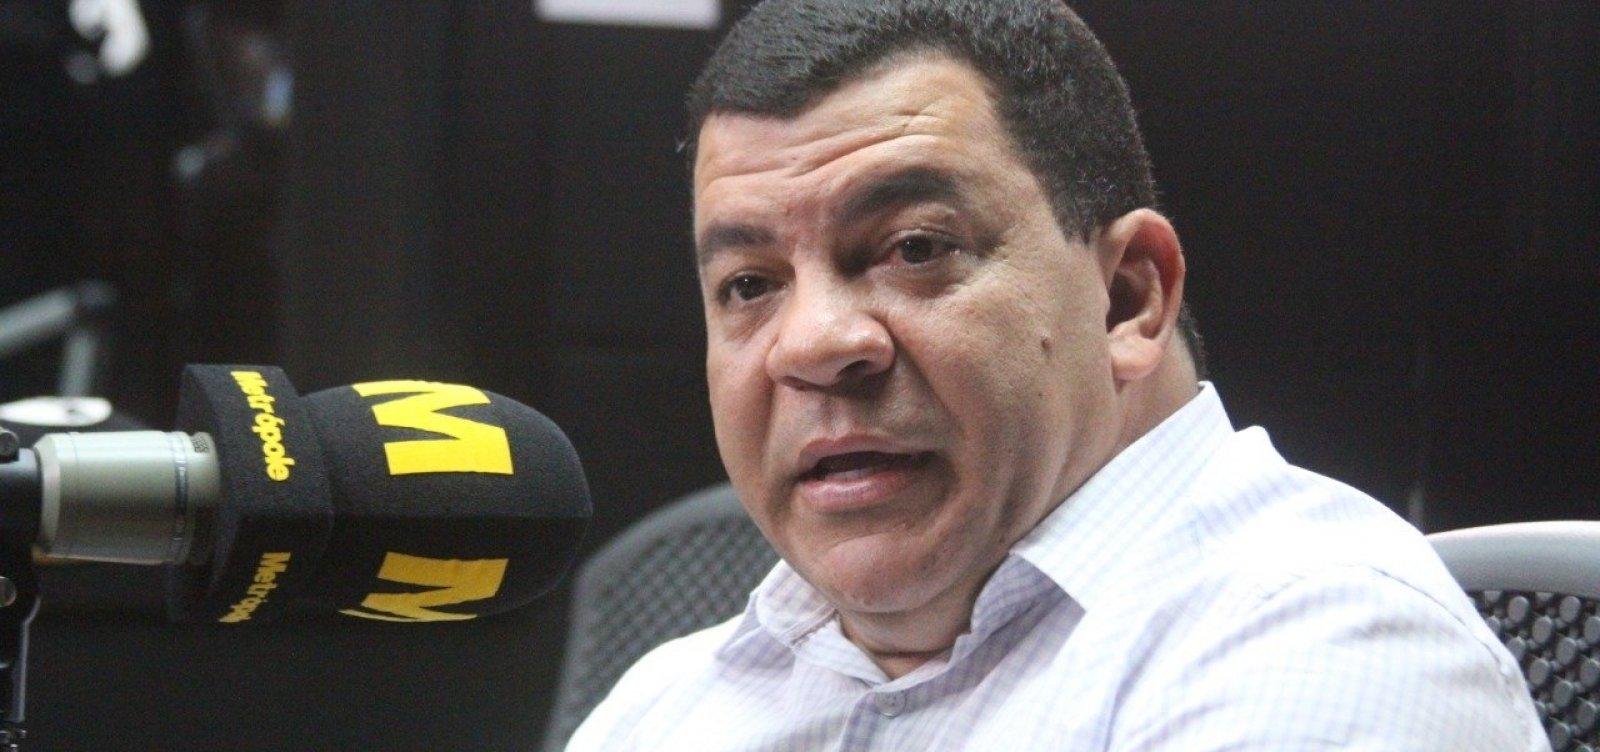 Paulo Bomfim busca reeleição em Juazeiro com apoio de aliados: 'Nosso time  é forte e coeso' - Metro 1